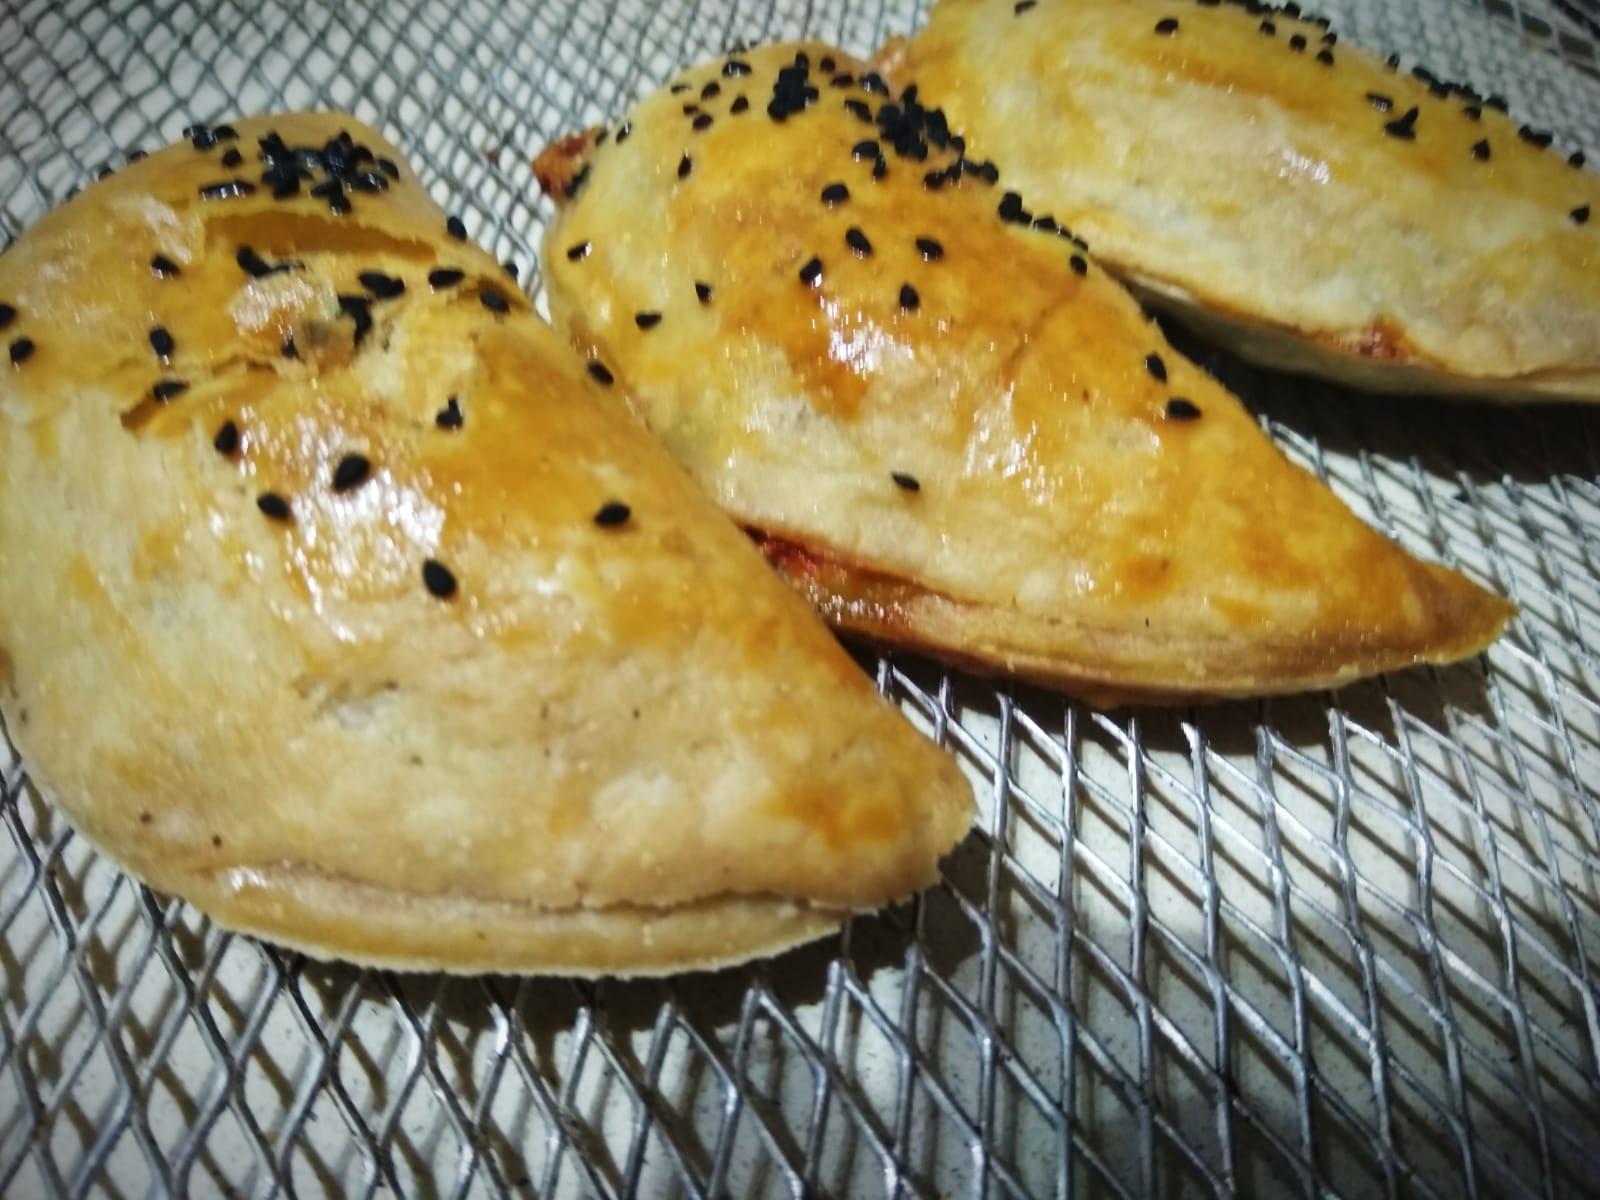 בורקיטס פלפלים קלויים, גבינה ובזיליקום מבצק עלים מהיר